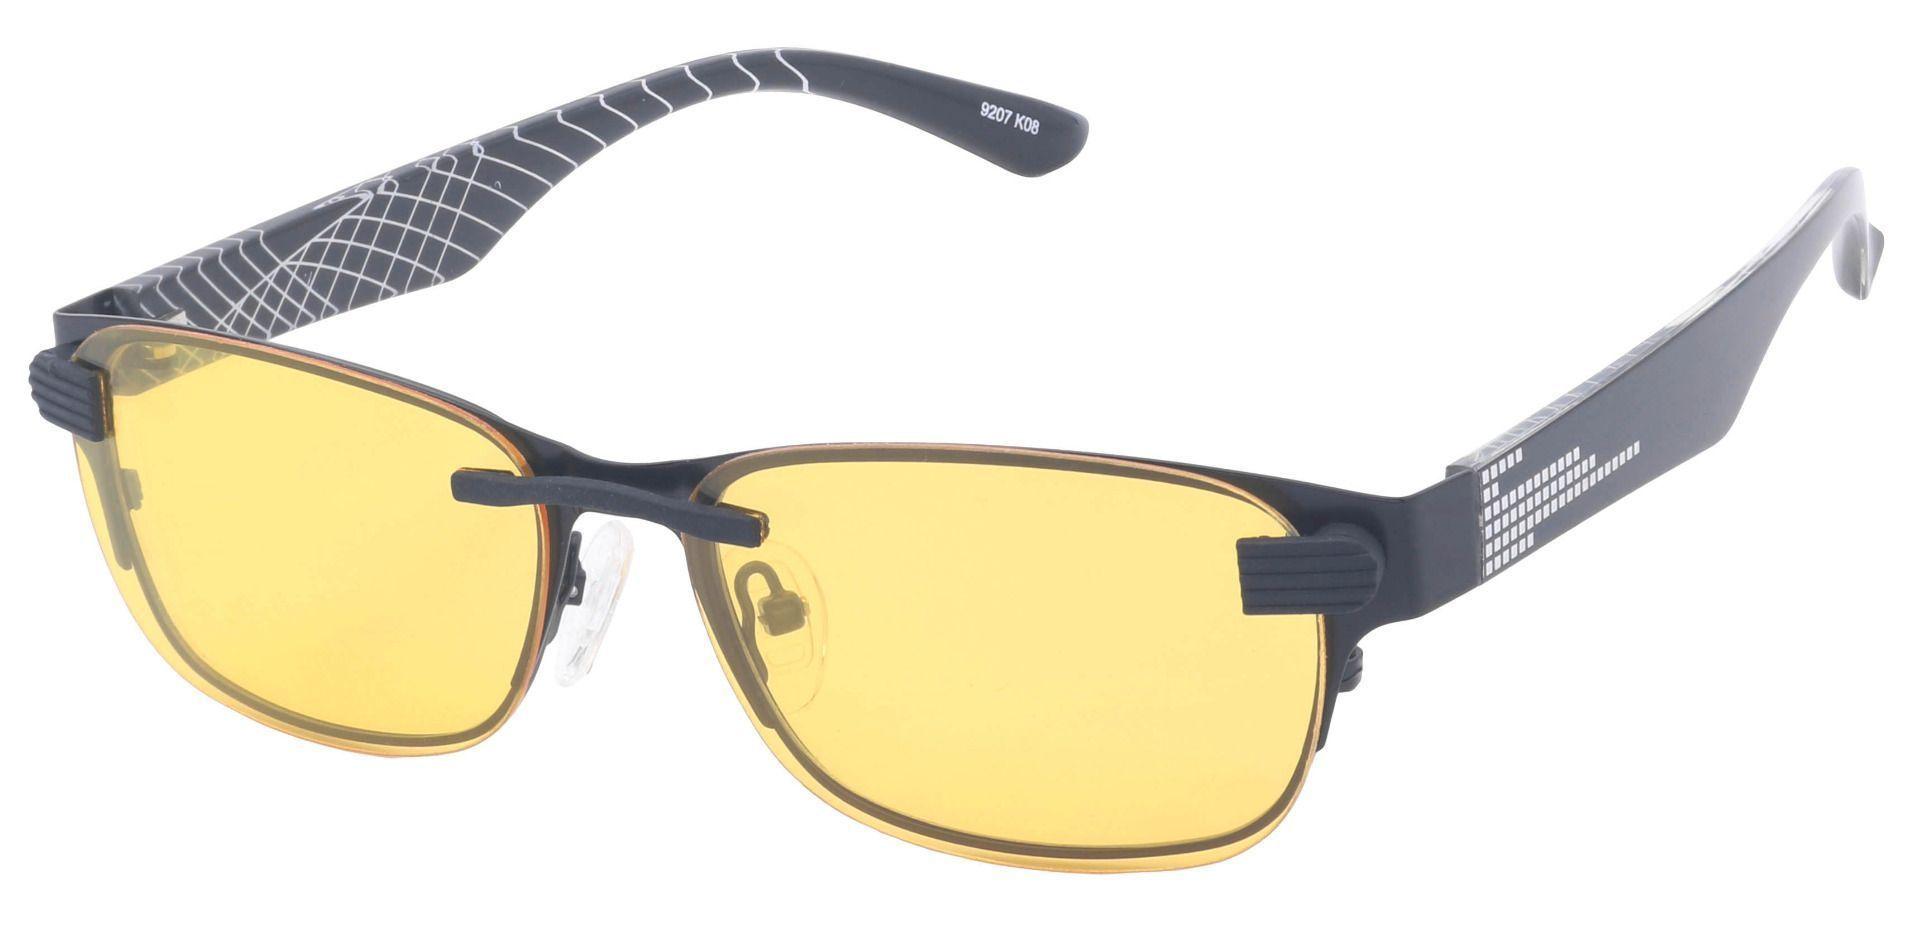 Giuliana Rectangle Prescription Glasses - Black